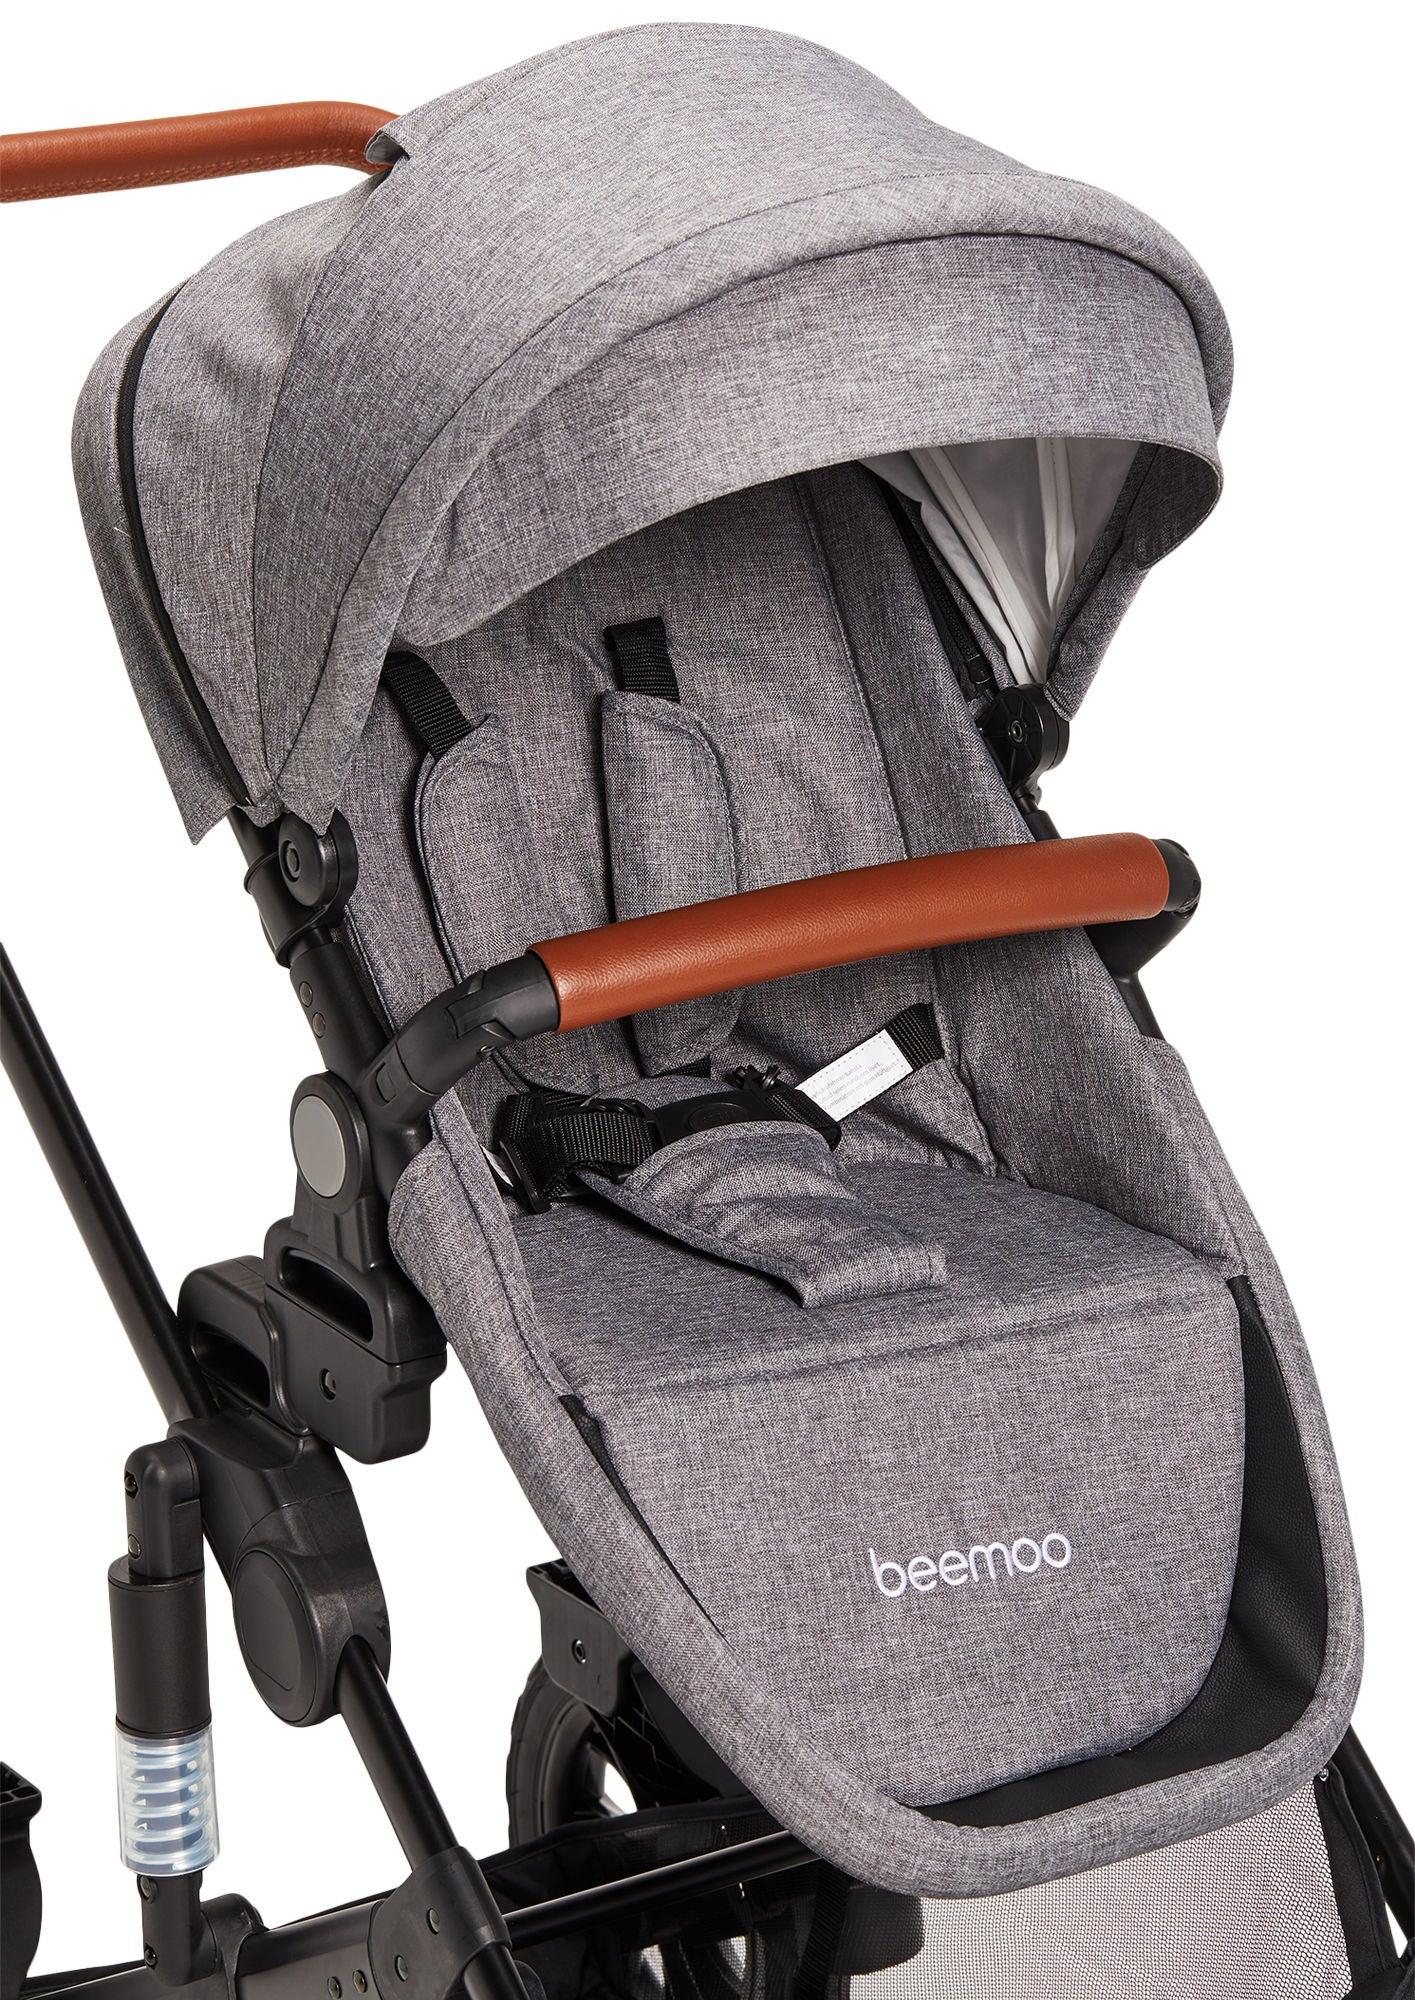 Beemoo Maxi 4 Syskonsits, Grey/Black